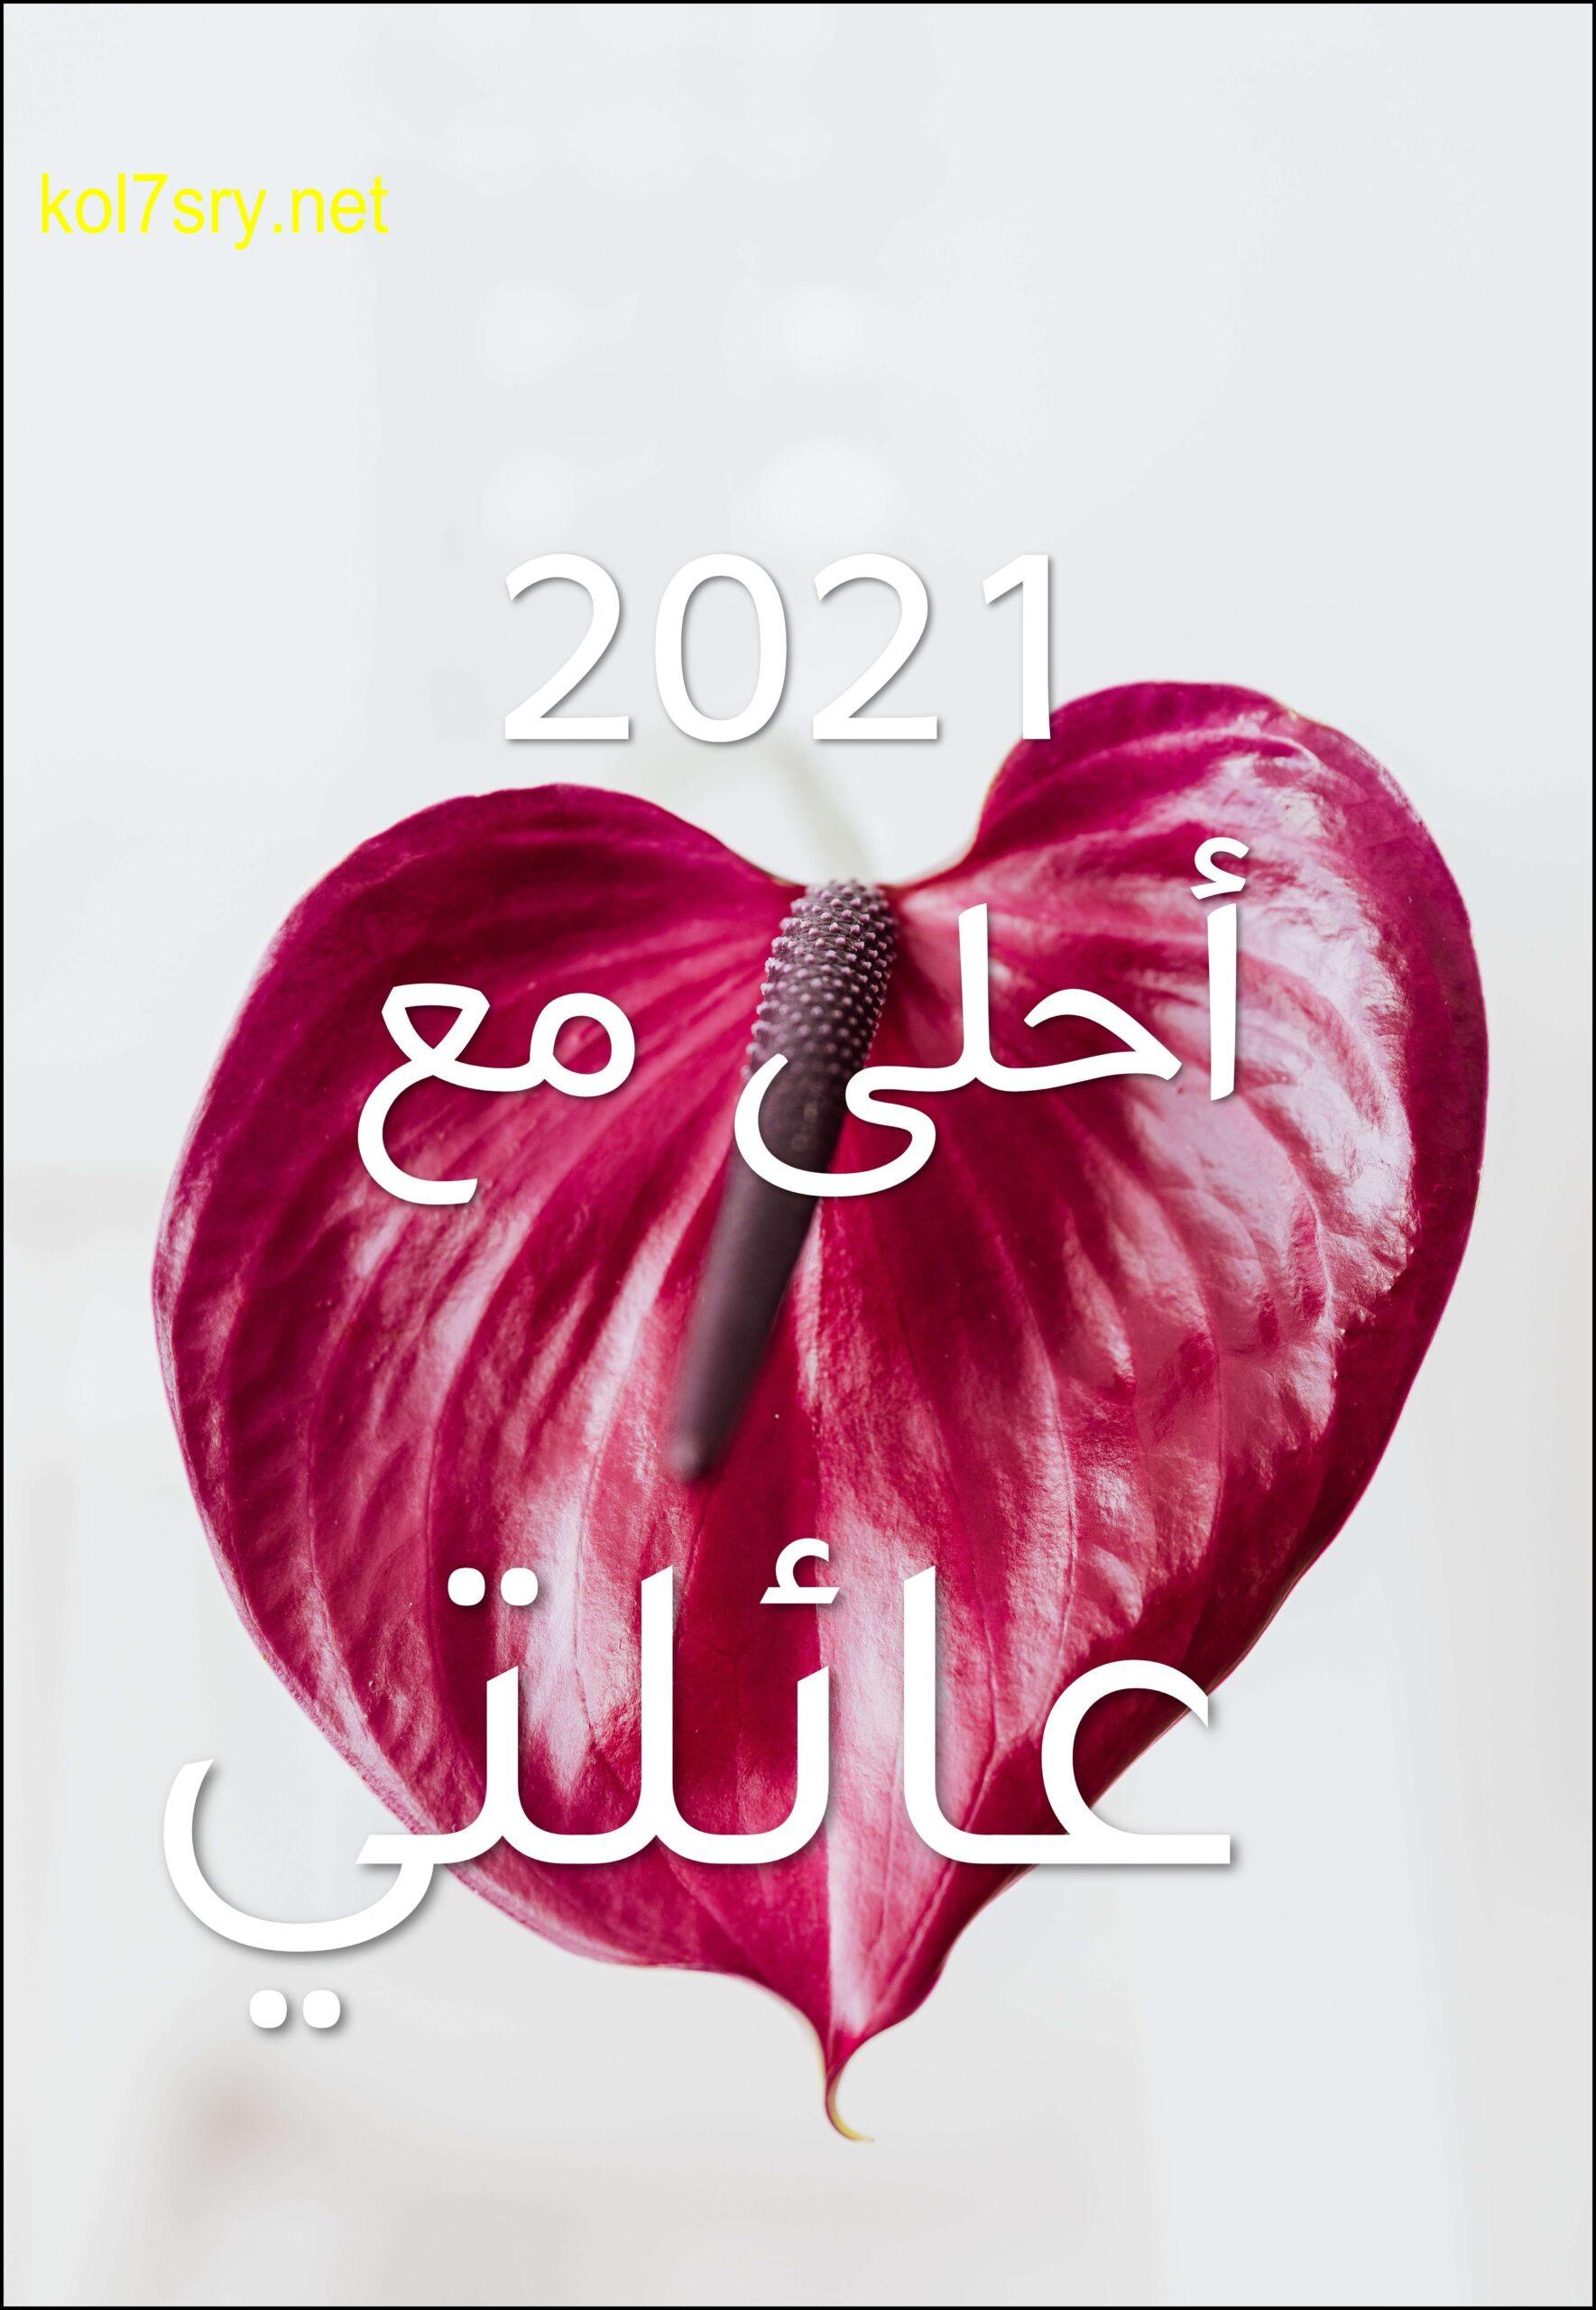 2021 أحلى مع اسمك أجمل 40 صورة HD لعام 2021 احلى مع مجانا اطلب التصميم بالتعليقات 8